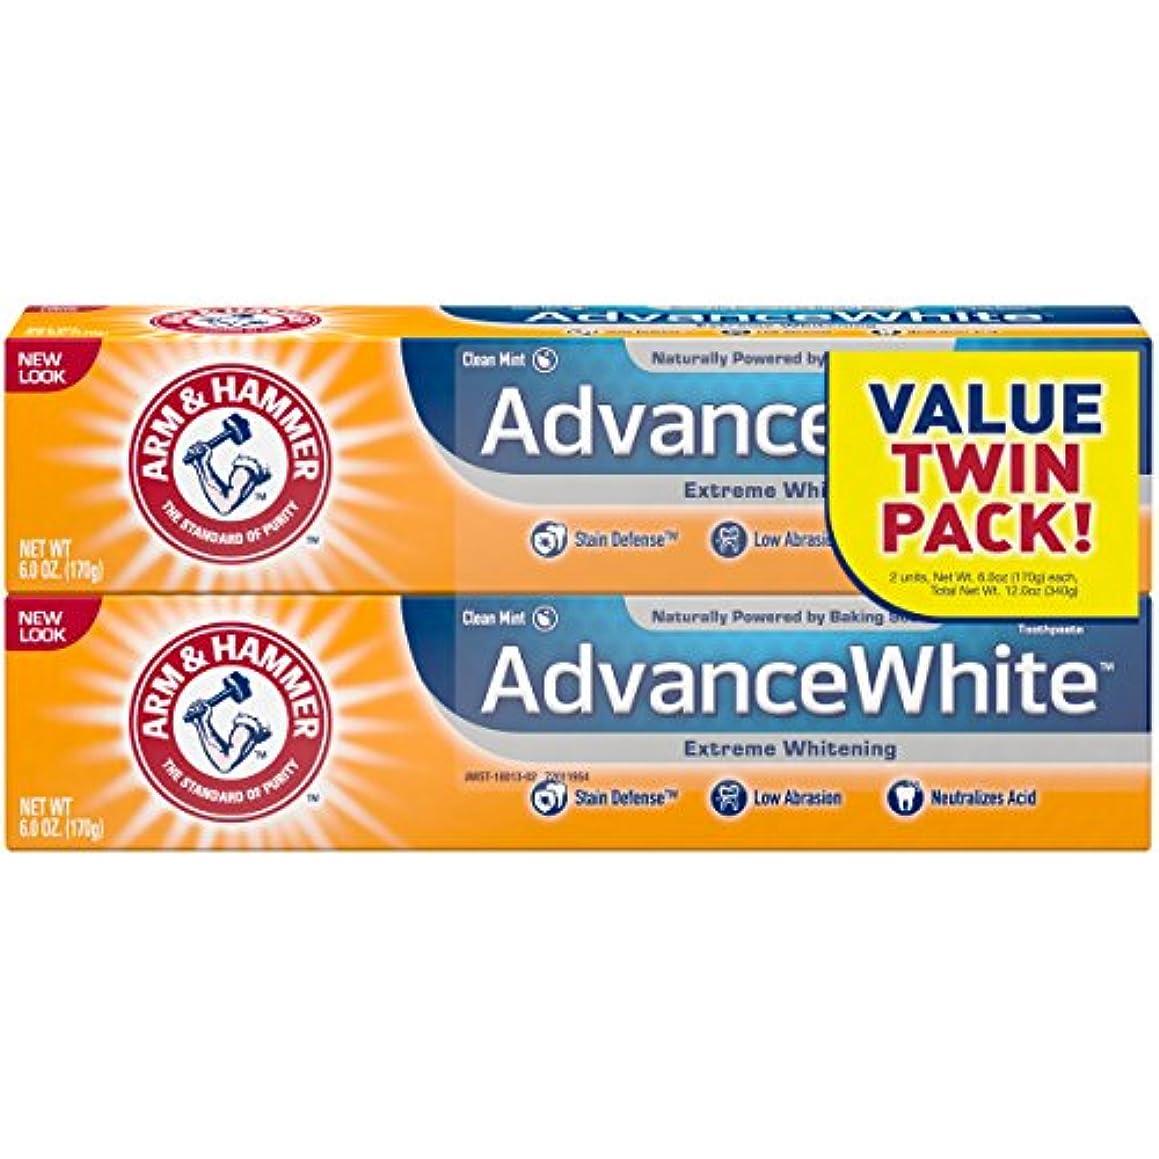 お茶呼吸する閉じ込めるArm & Hammer アーム&ハマー アドバンス ホワイト 歯磨き粉 2個パック Toothpaste with Baking Soda & Peroxide